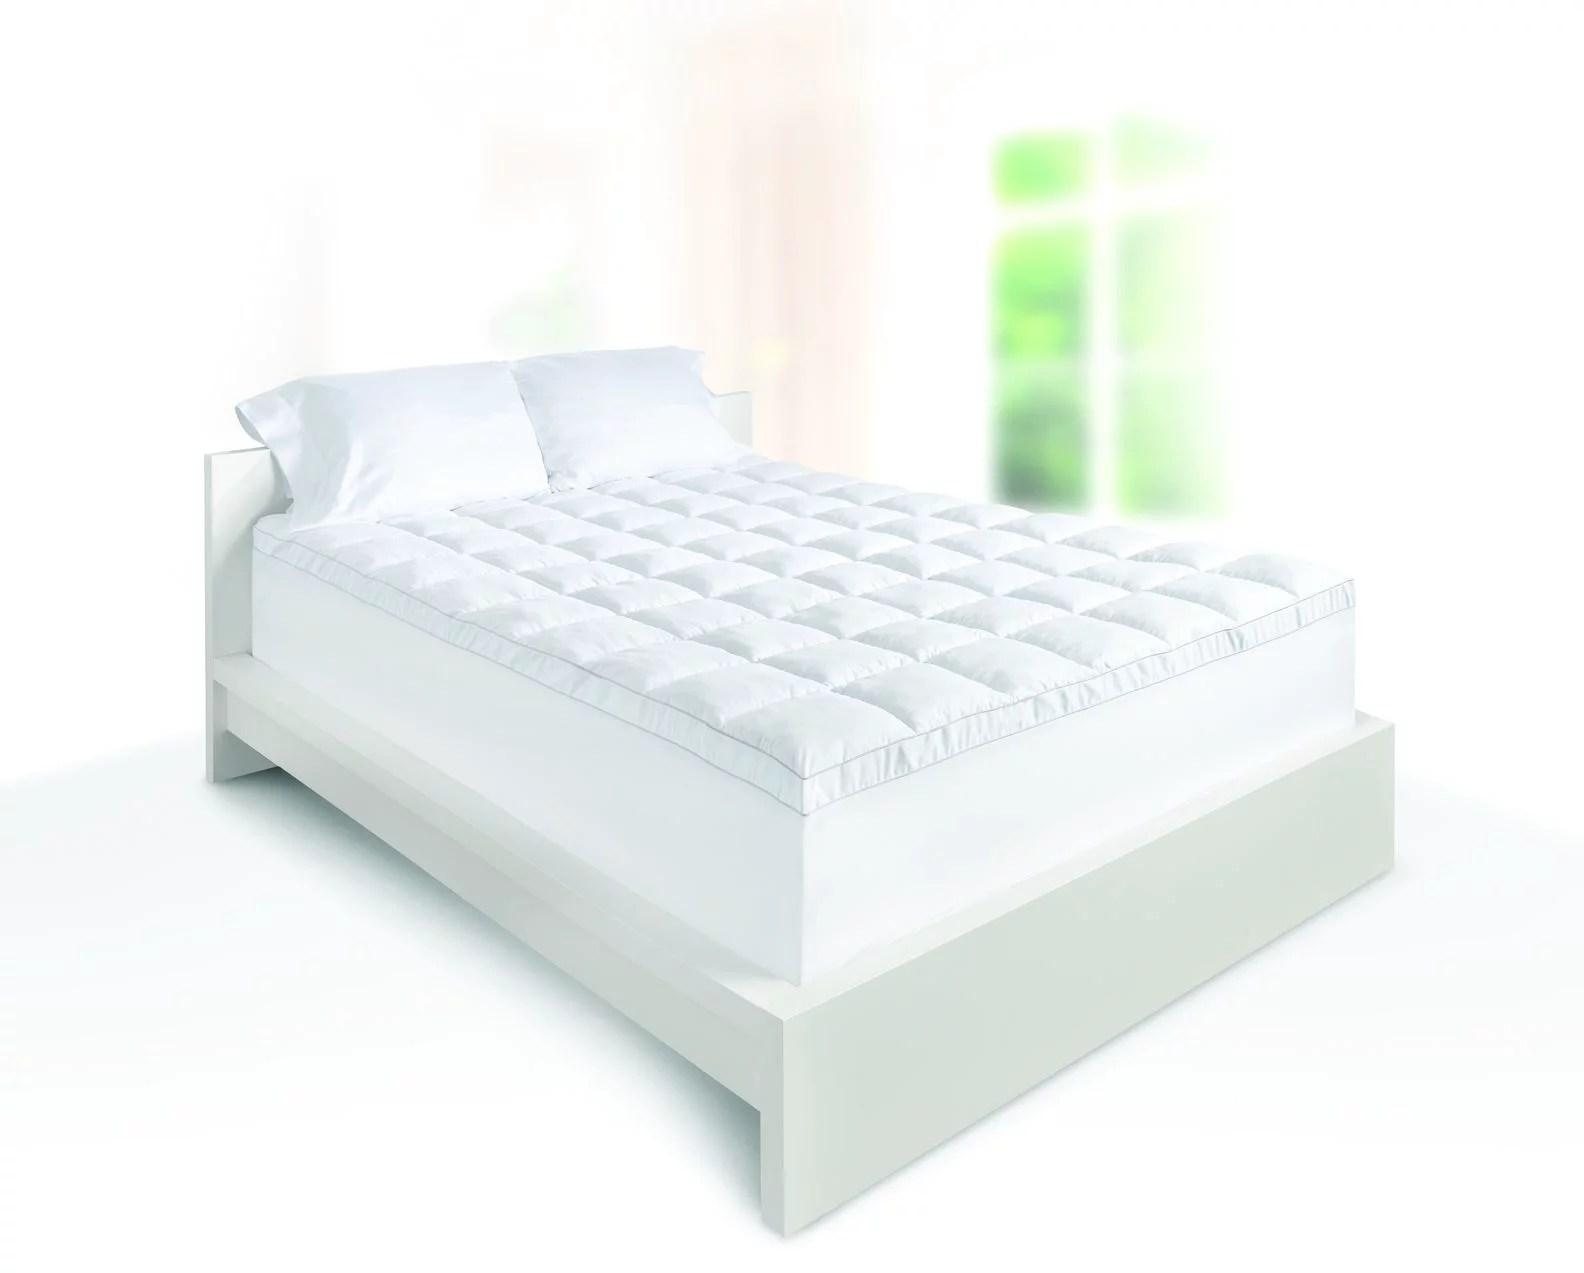 dream serenity memory foam 4 luxury pillow top mattress topper 1 each walmart com